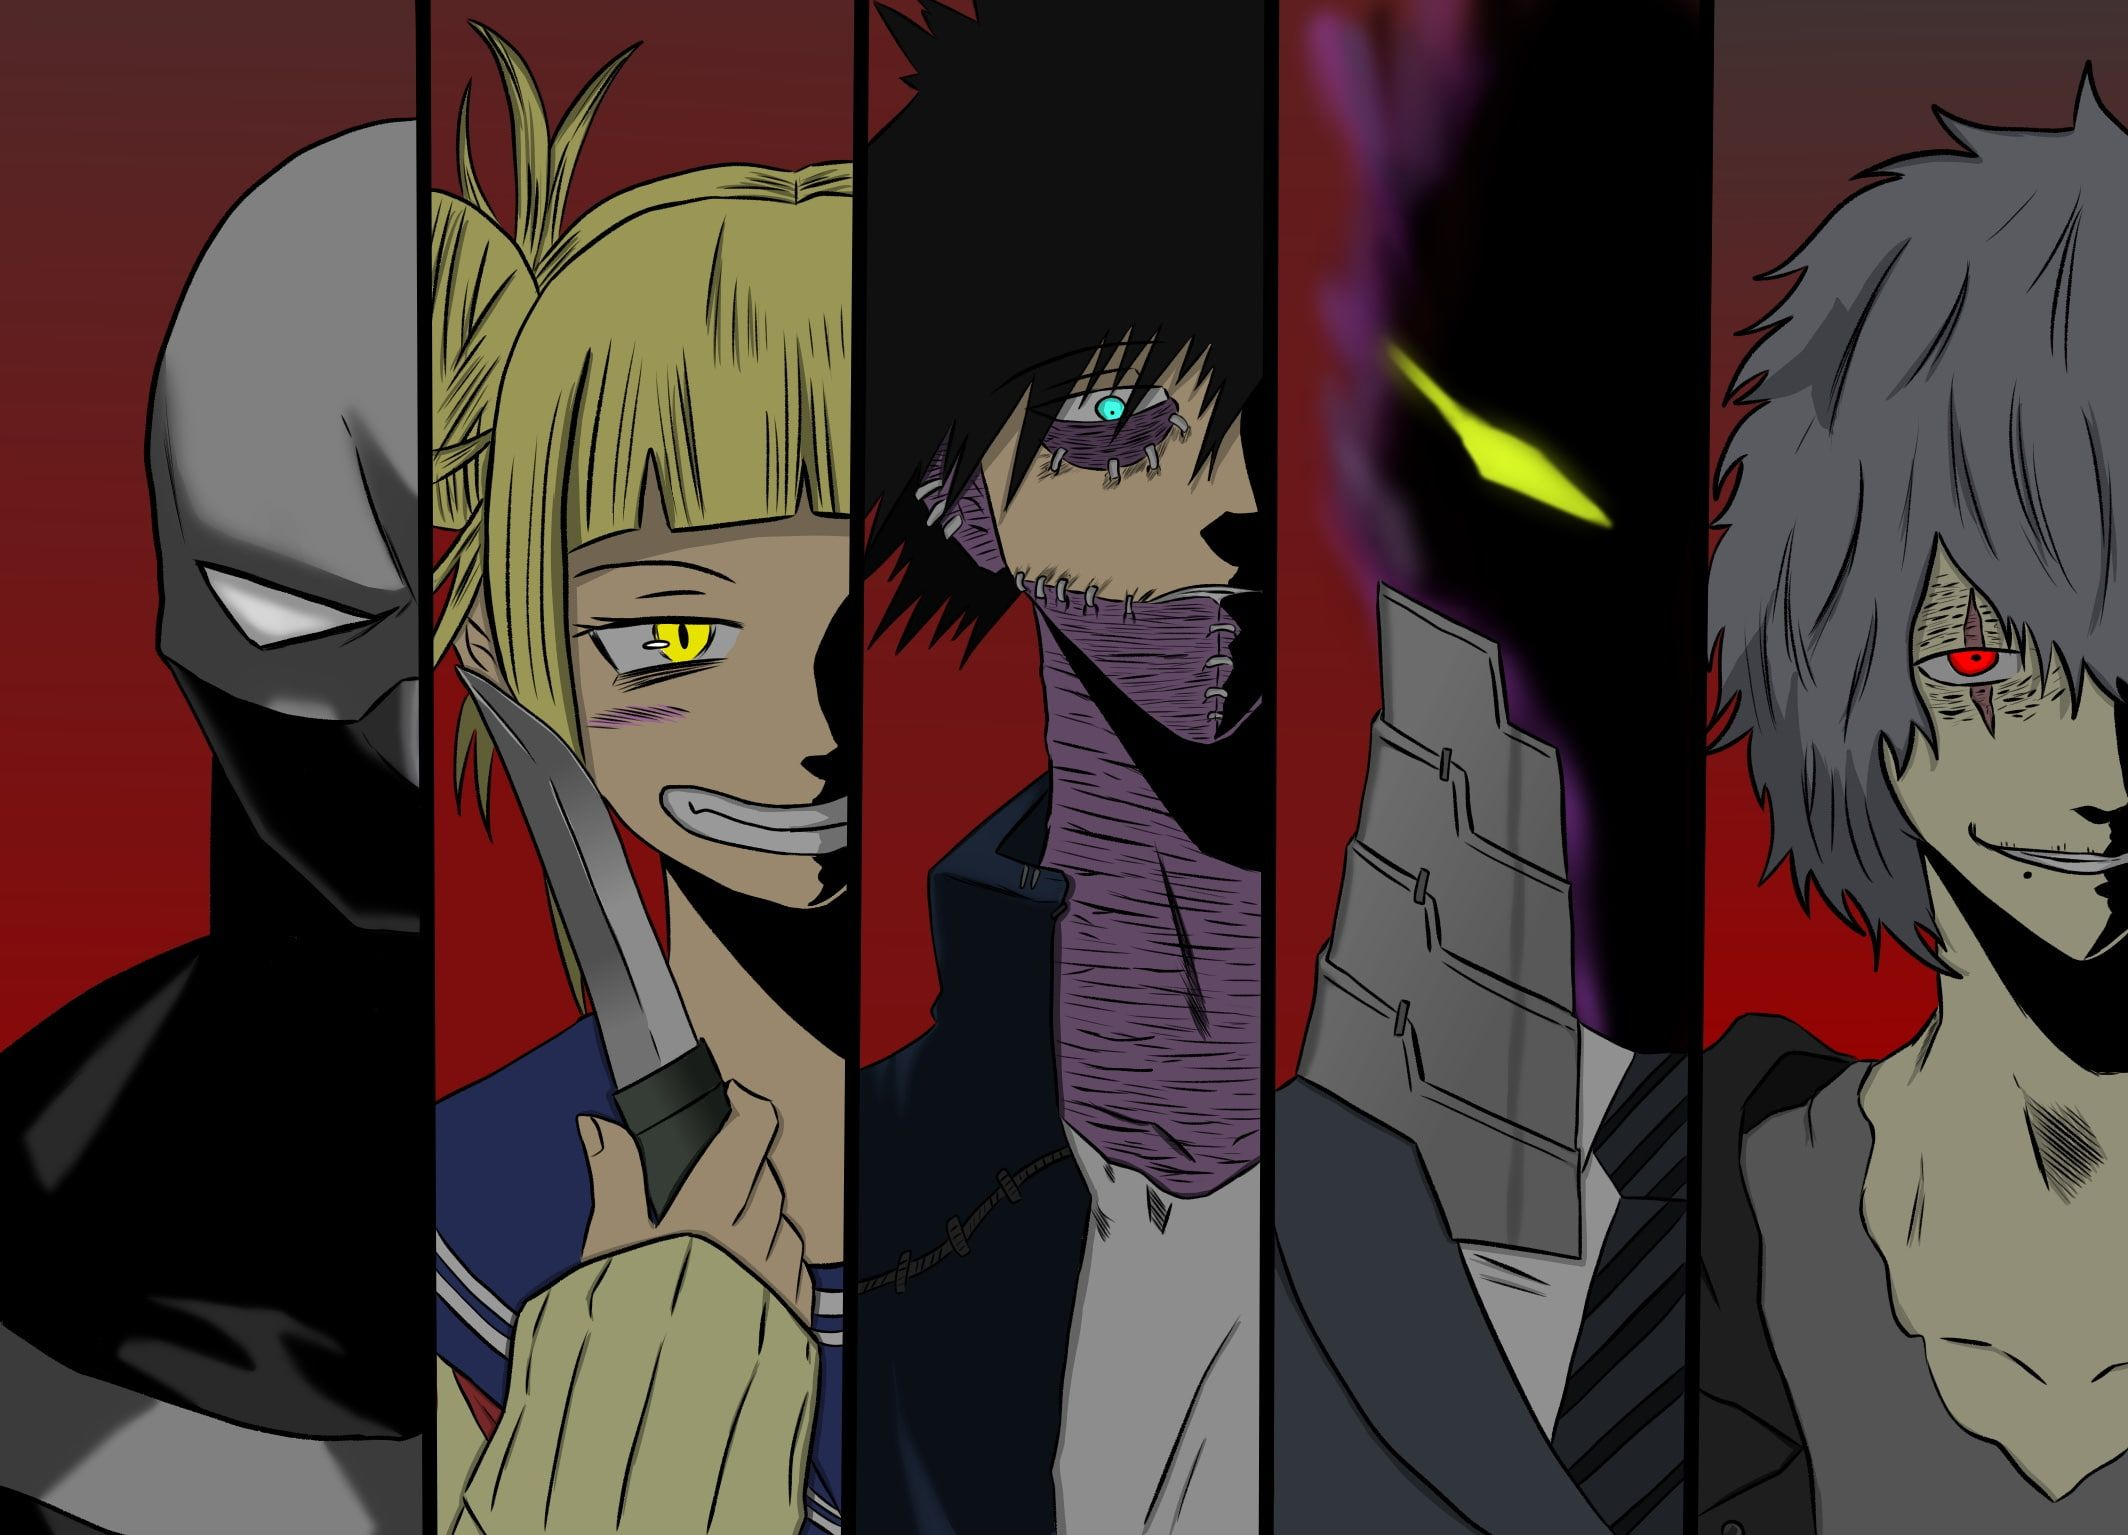 Anime My Hero Academia Dabi Boku No Hero Academia Himiko Toga Jin Bubaigawara Kurogiri Boku No Hero Academia Tom My Hero Tomura Shigaraki My Hero Academia